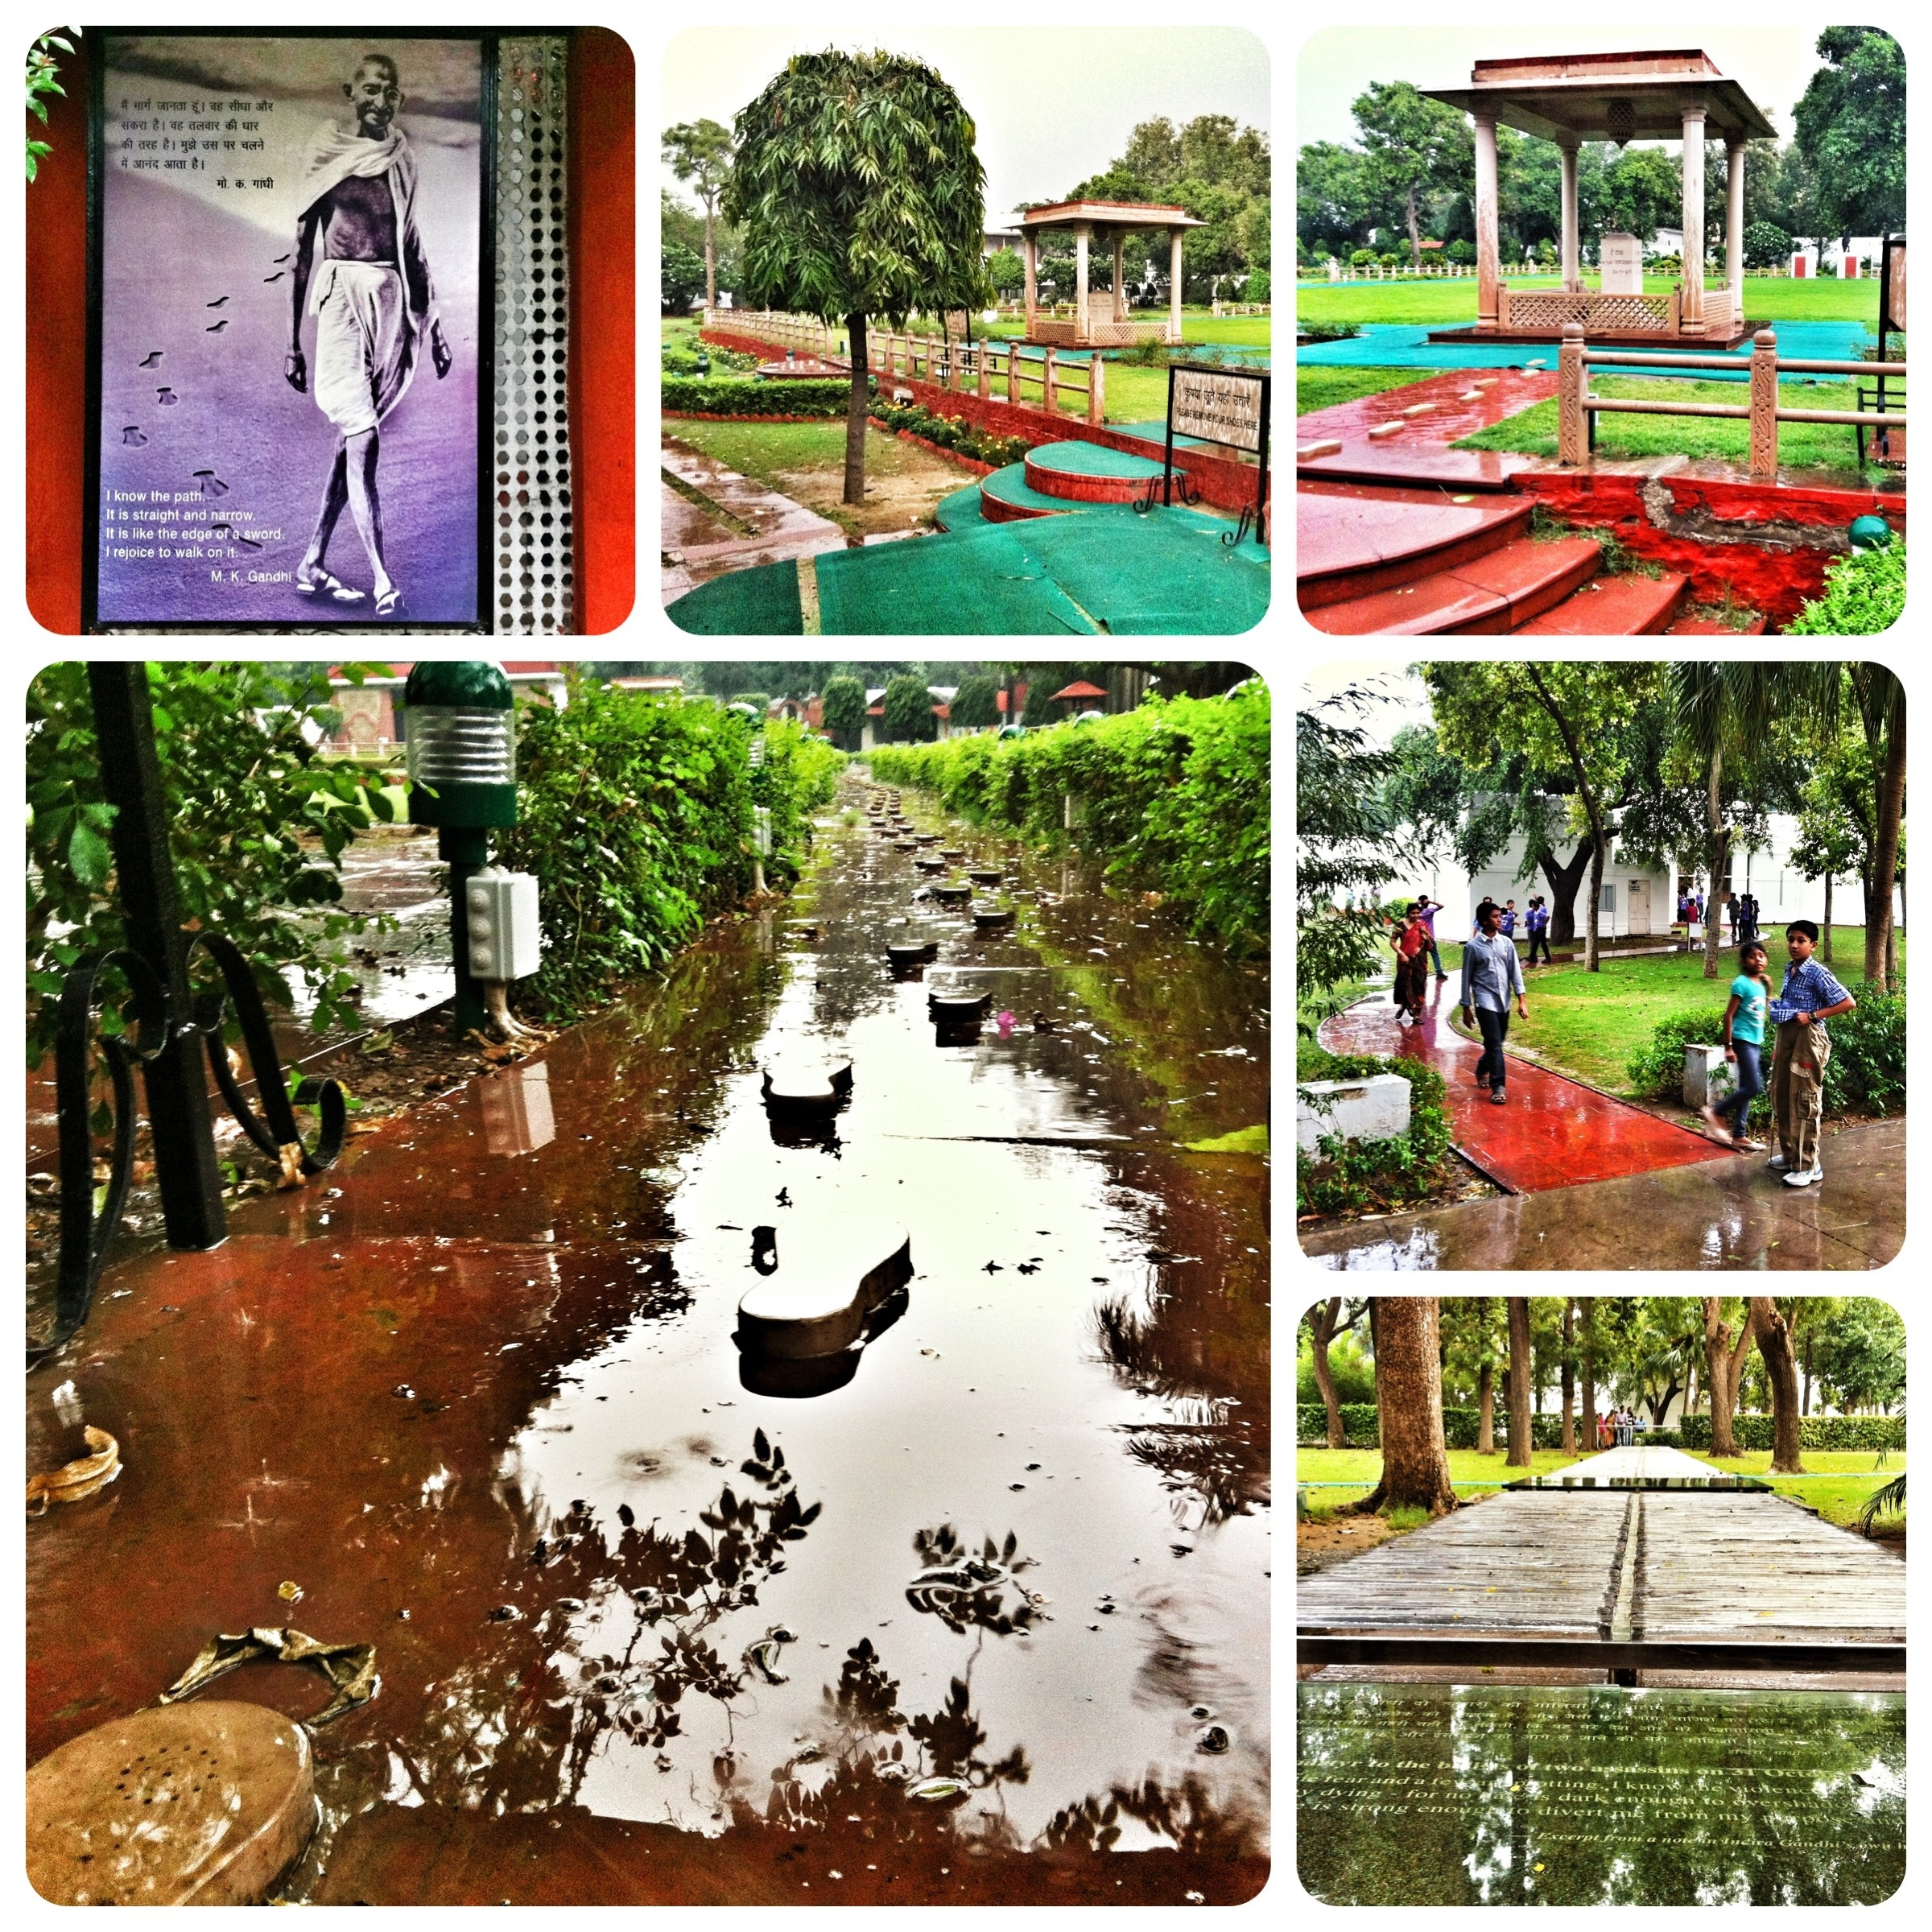 Impressionen von der Gandhi-Gedenkstätte.